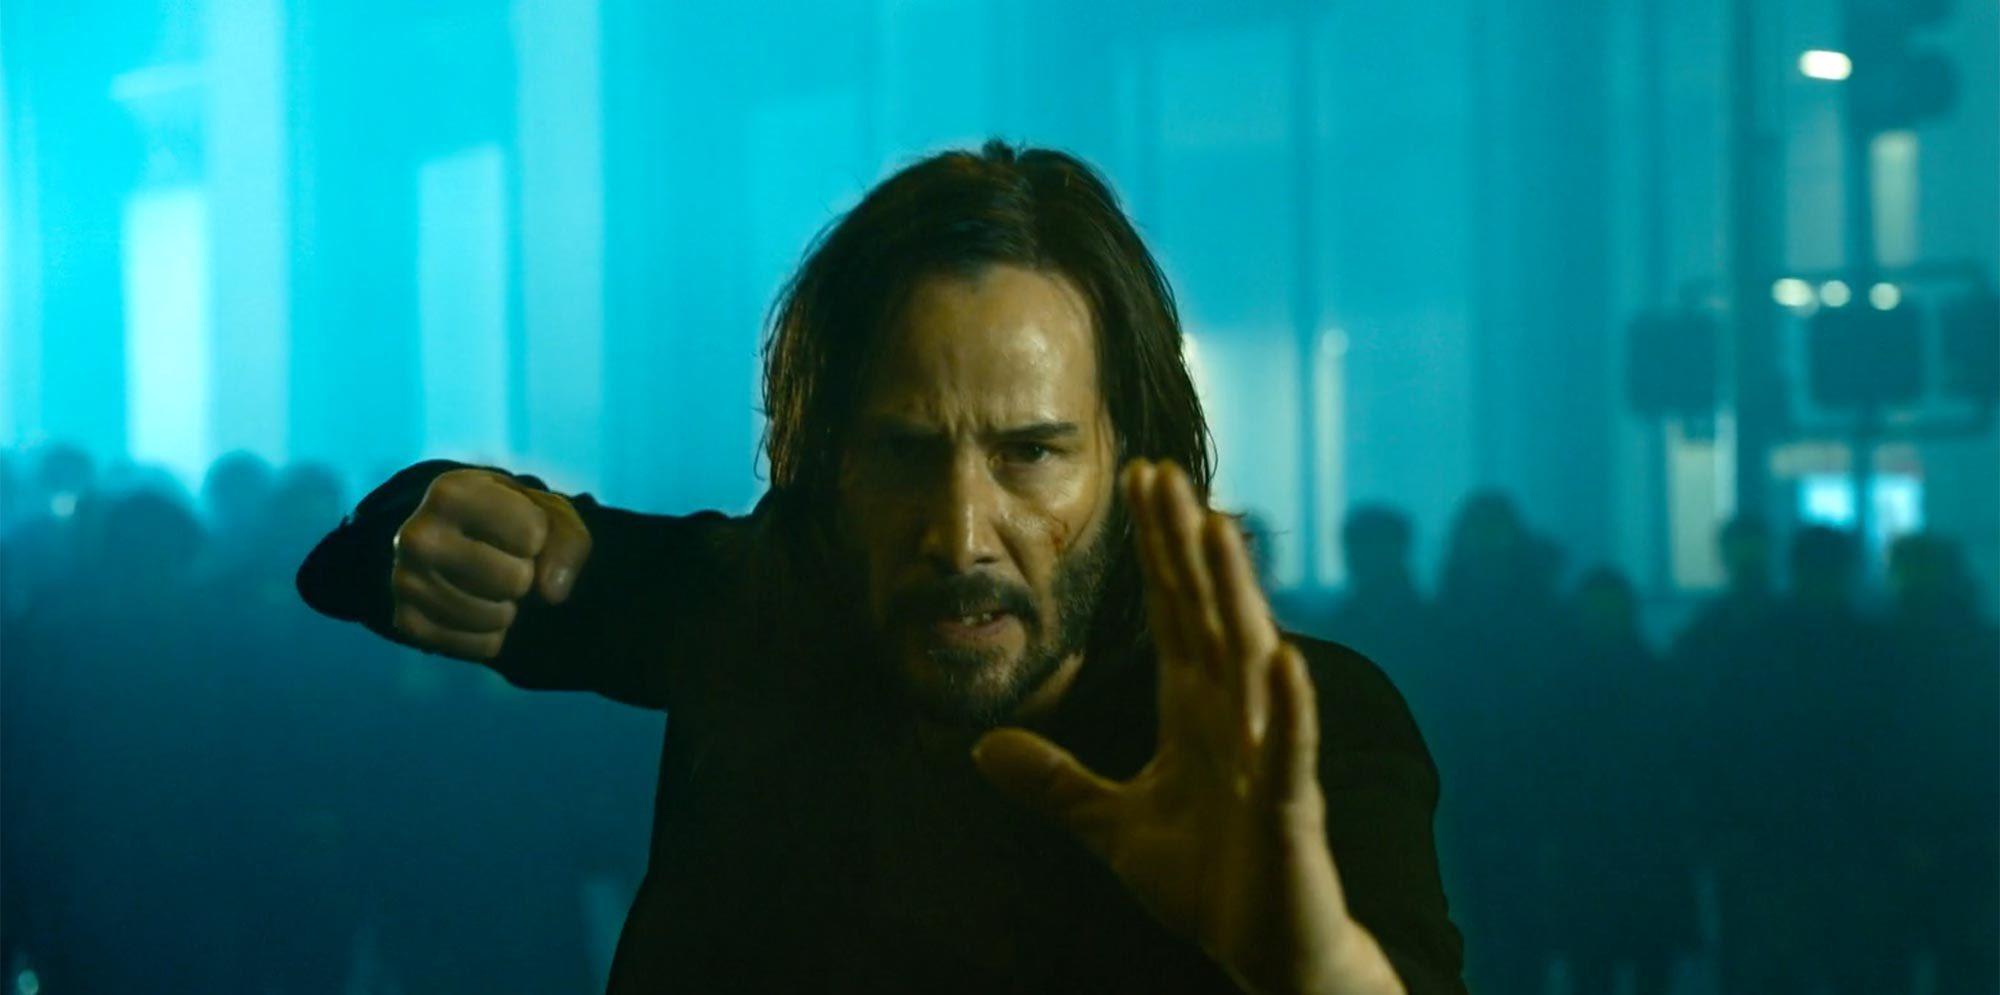 Matrix 4 | Primeira imagem oficial de Keanu Reeves como Neo é divulgada